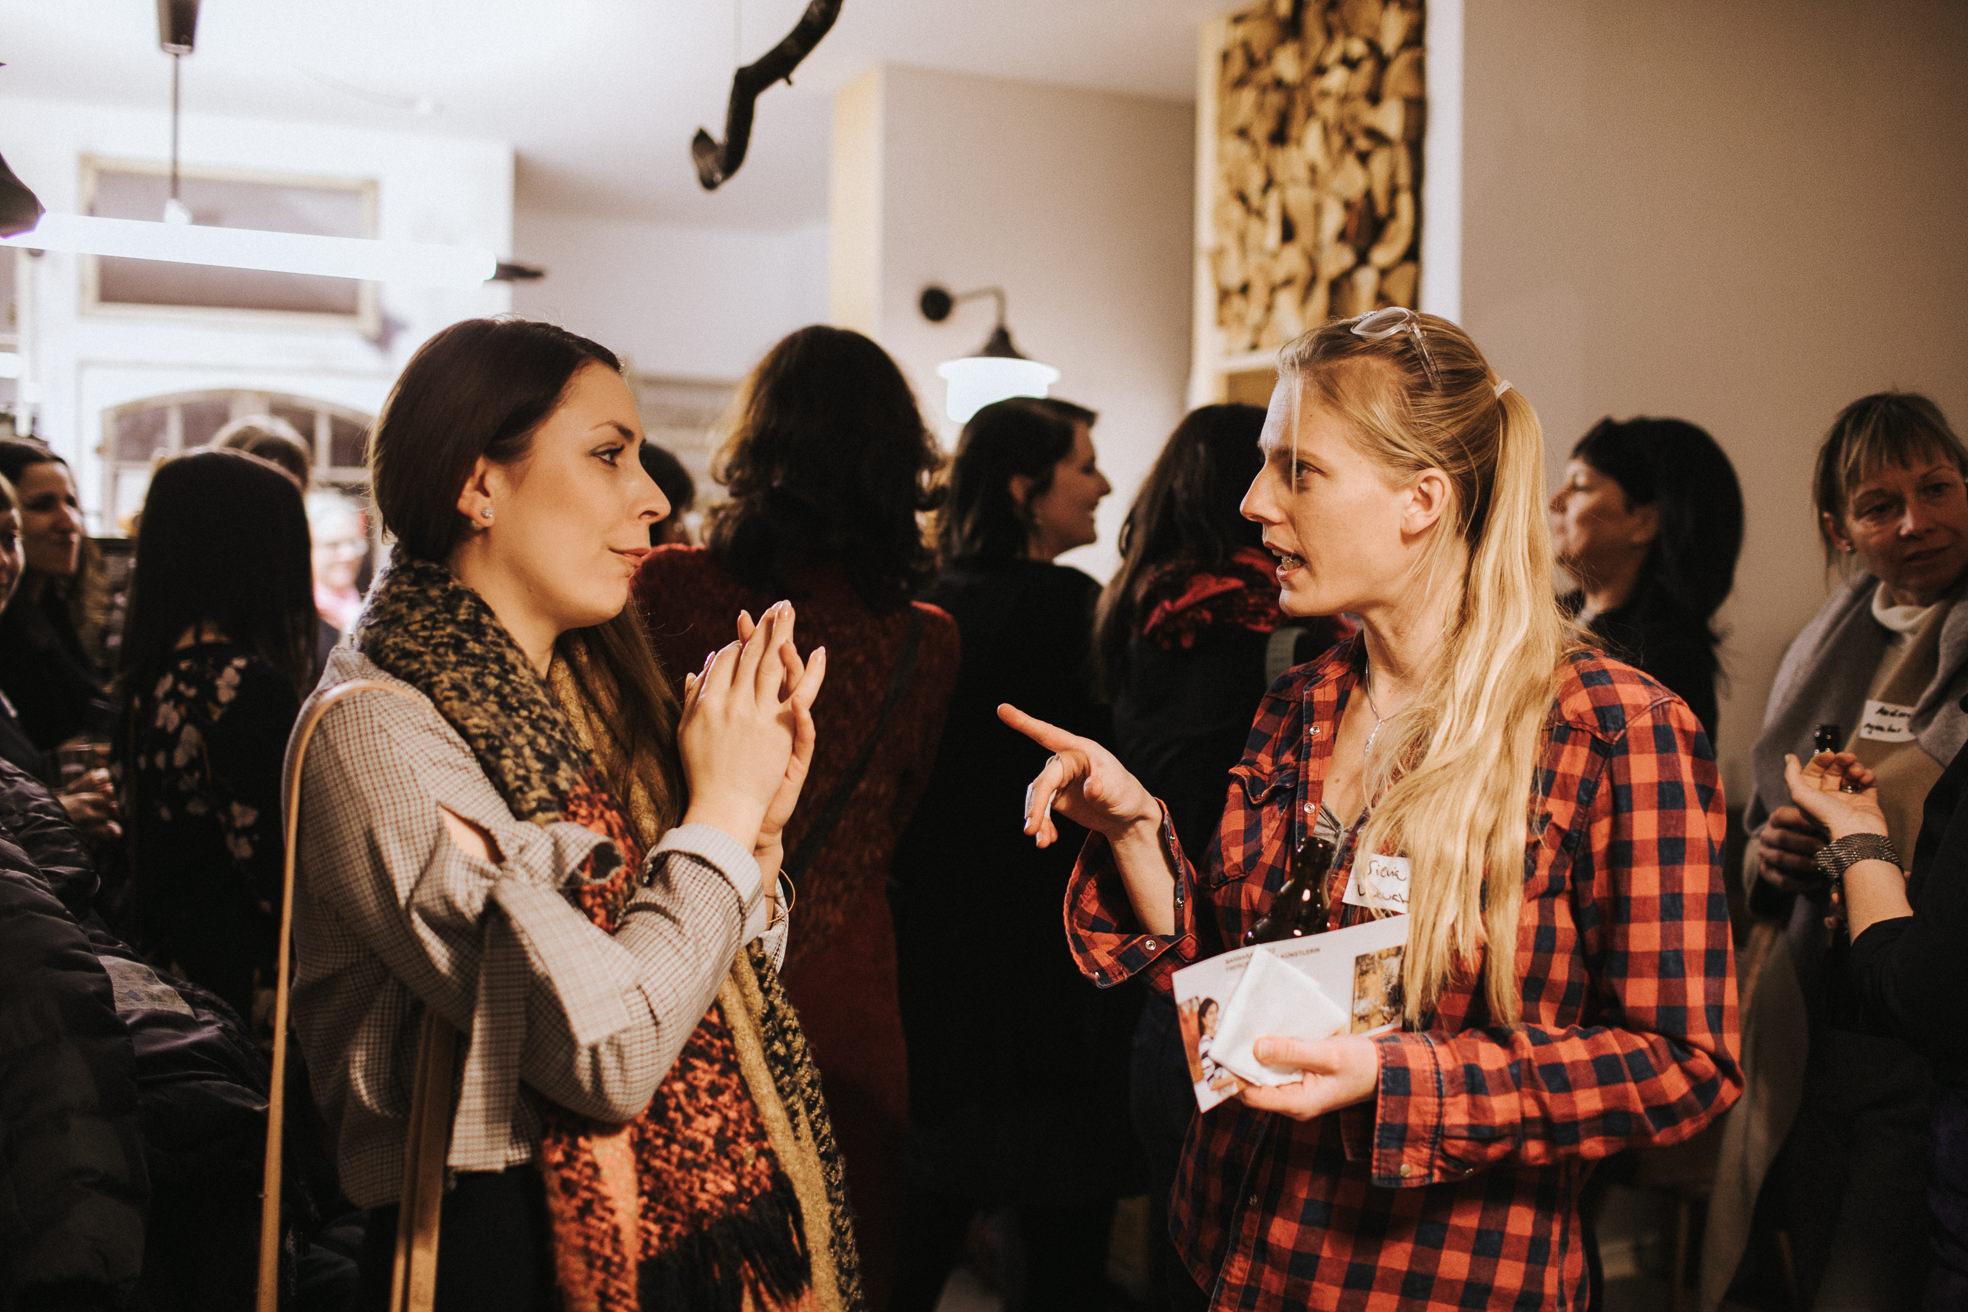 0015-Unternehmerinnen-Treffen-Anemoi--IM3C6738